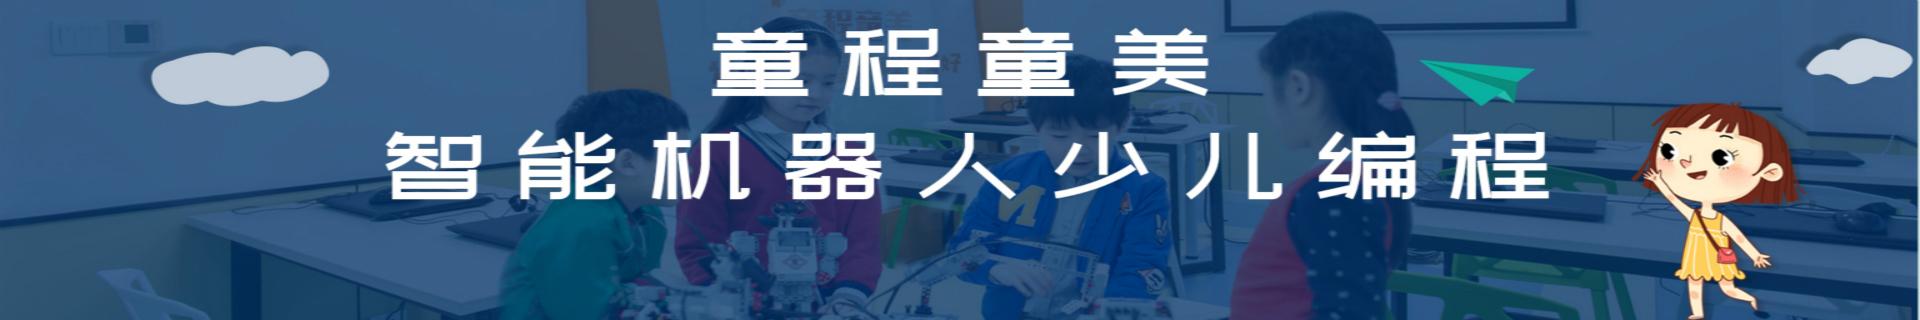 广州黄埔童程童美少儿编程培训